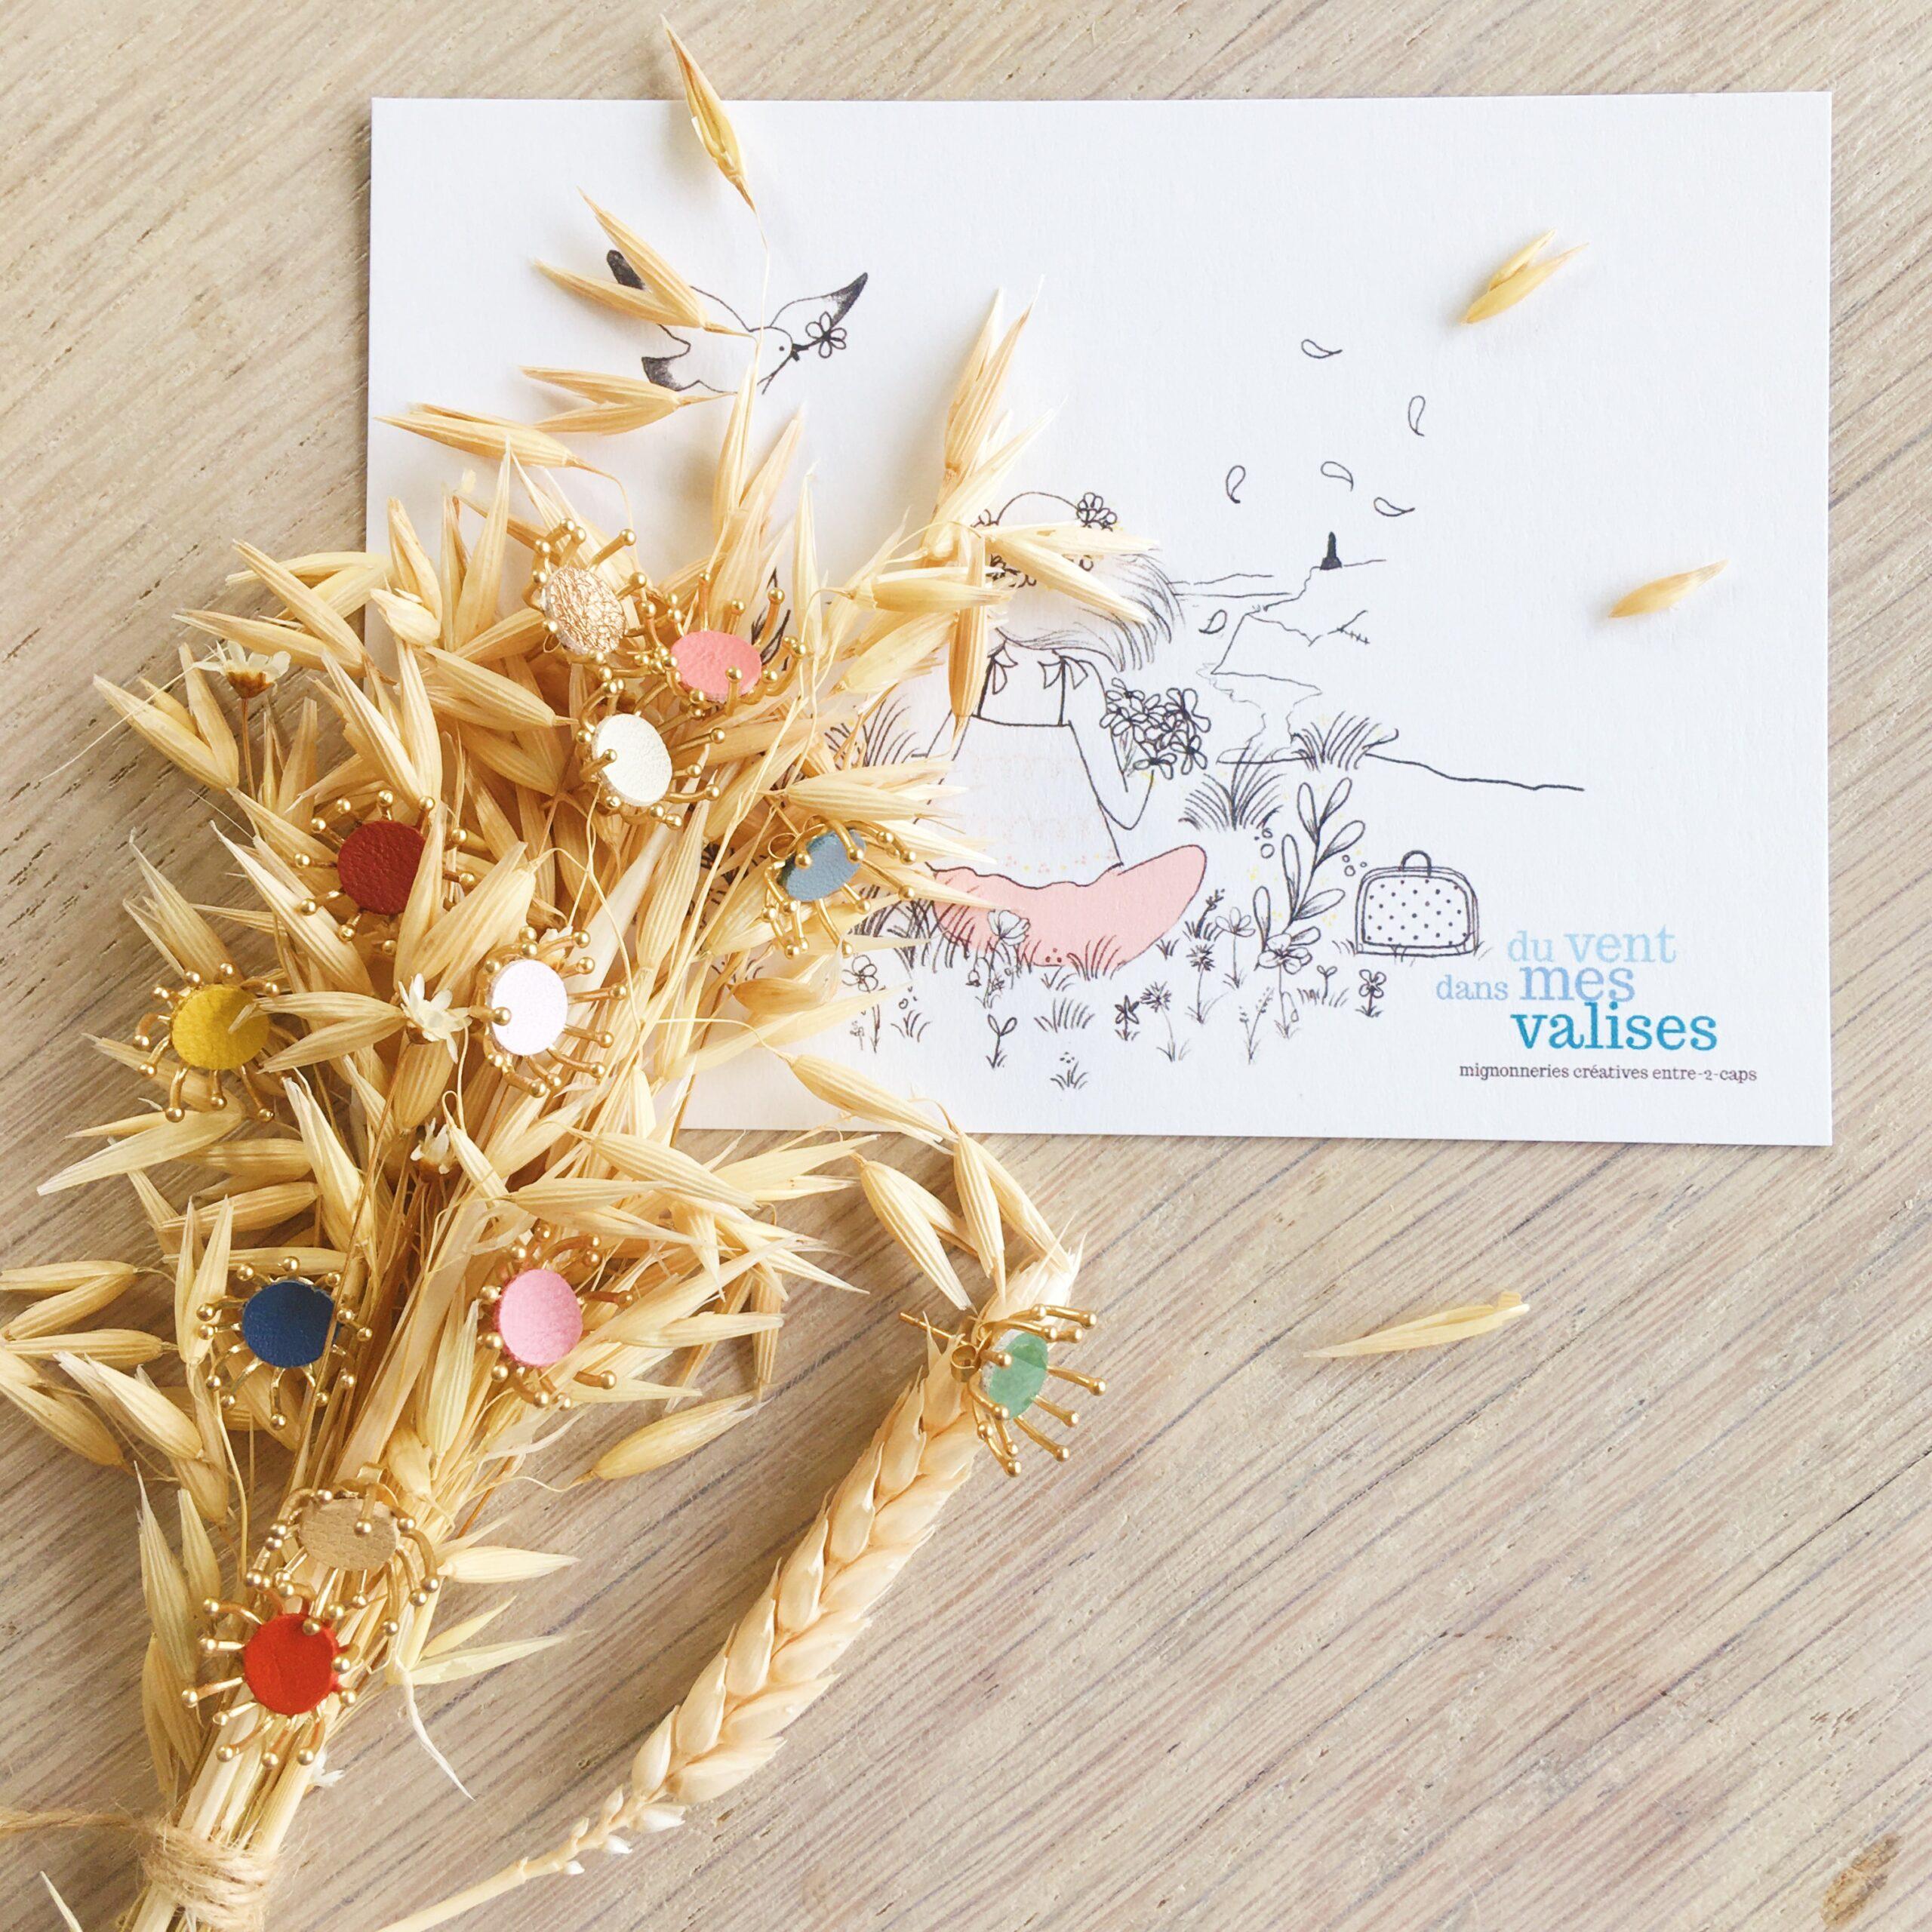 clous bijoux d'oreilles fleuris aigrettes de pissenlit couleurs moissons dorées made in France - du vent dans mes valises